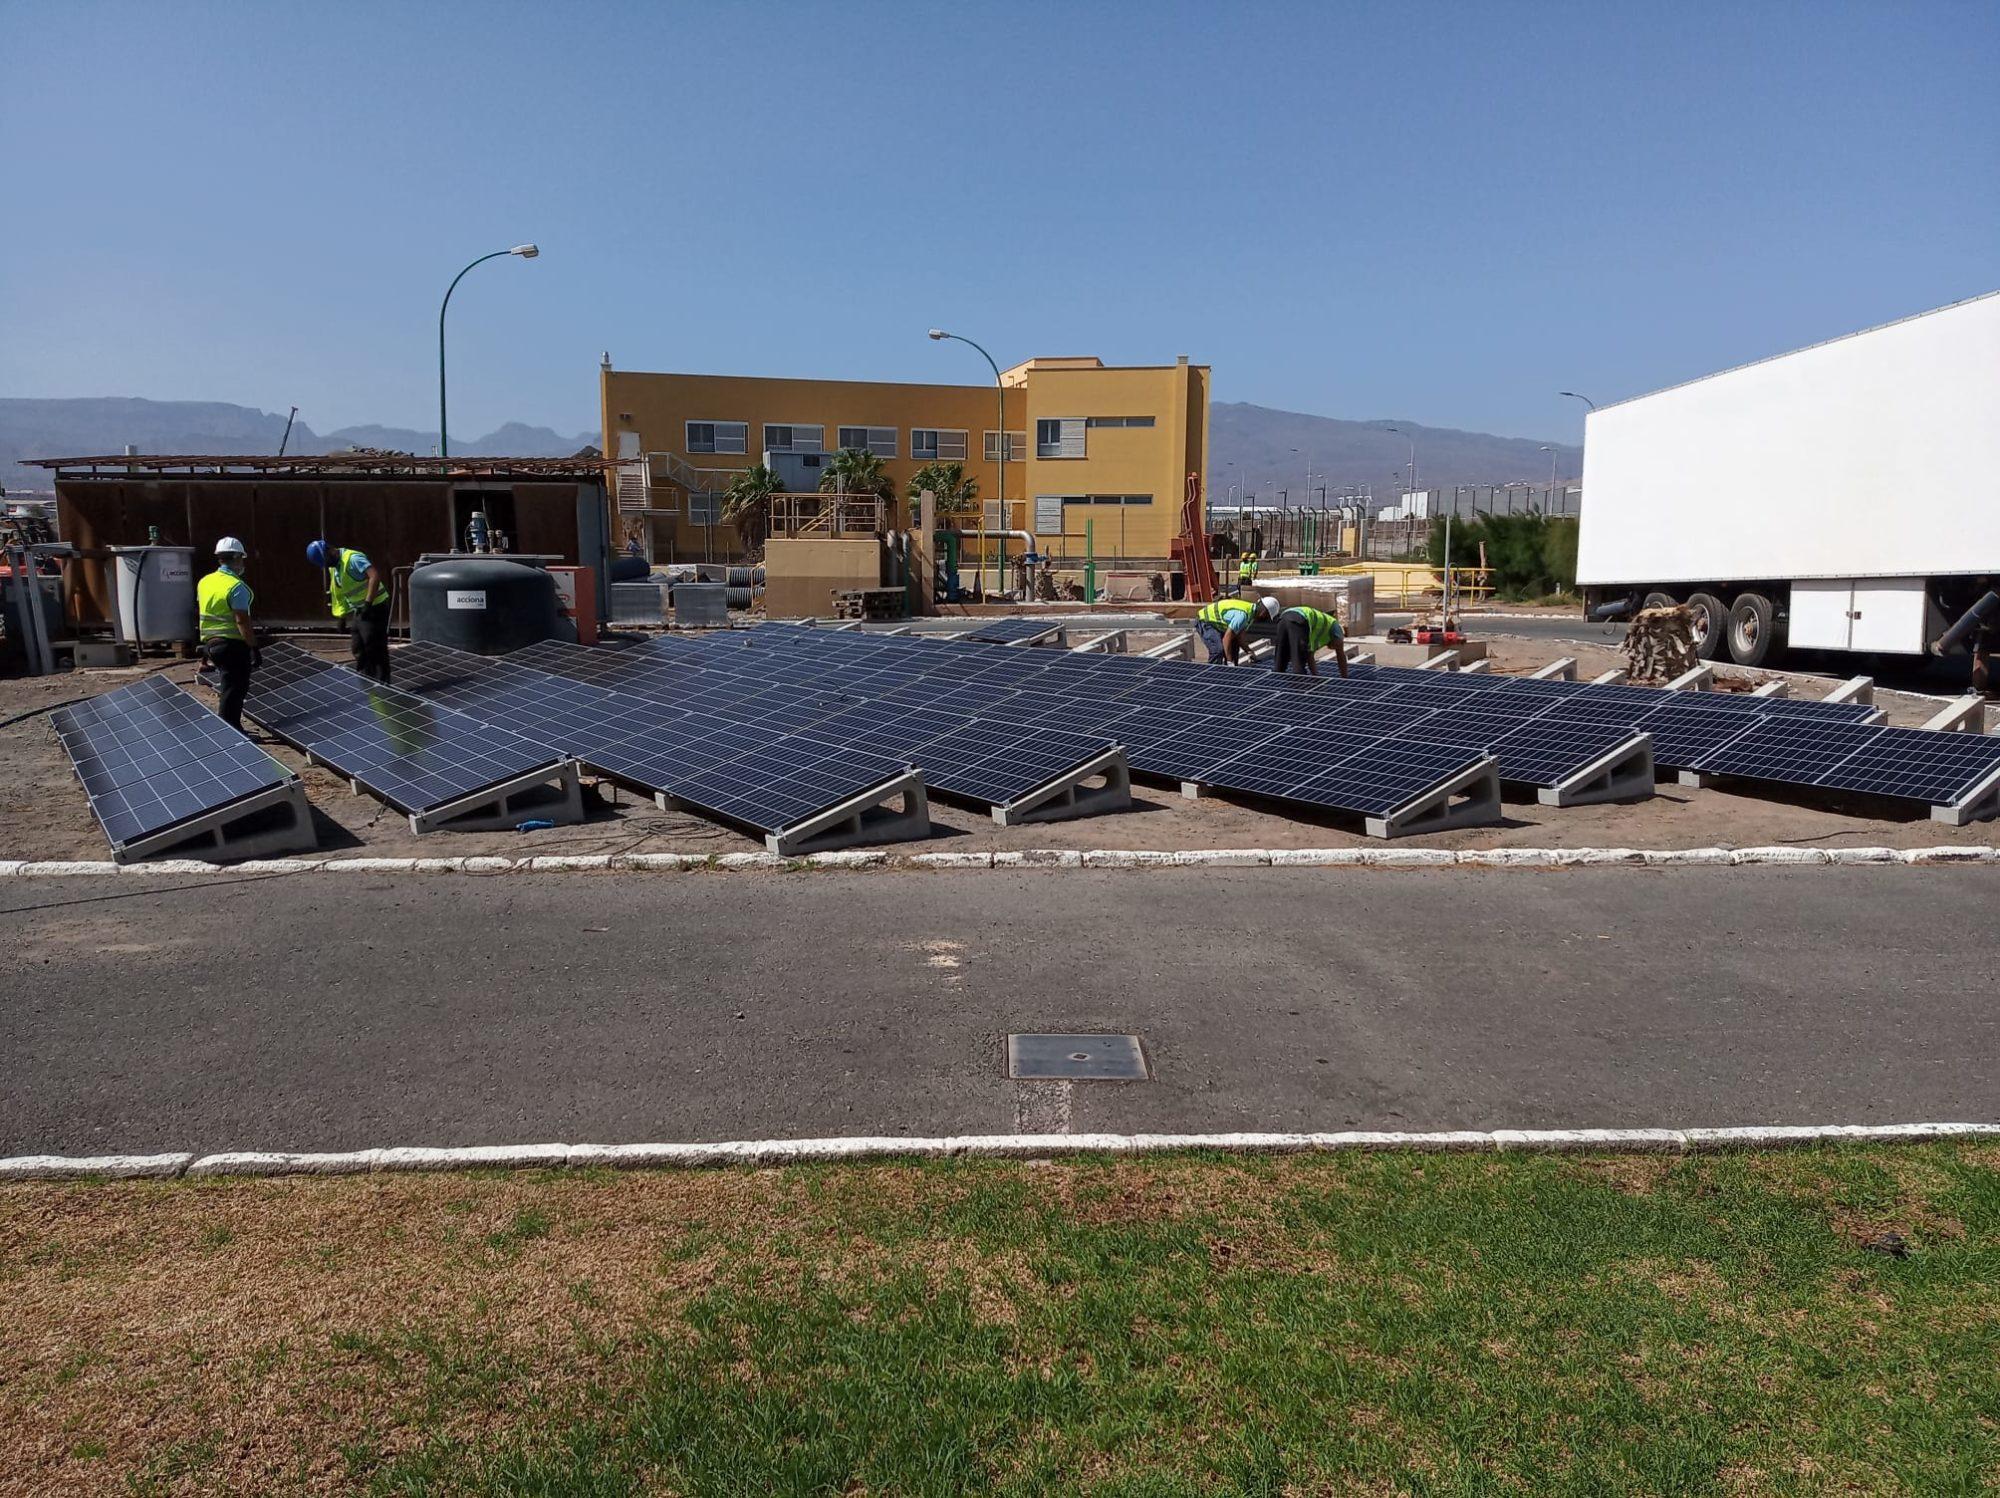 instalacion fotovoltaica para autoconsumo de Greening